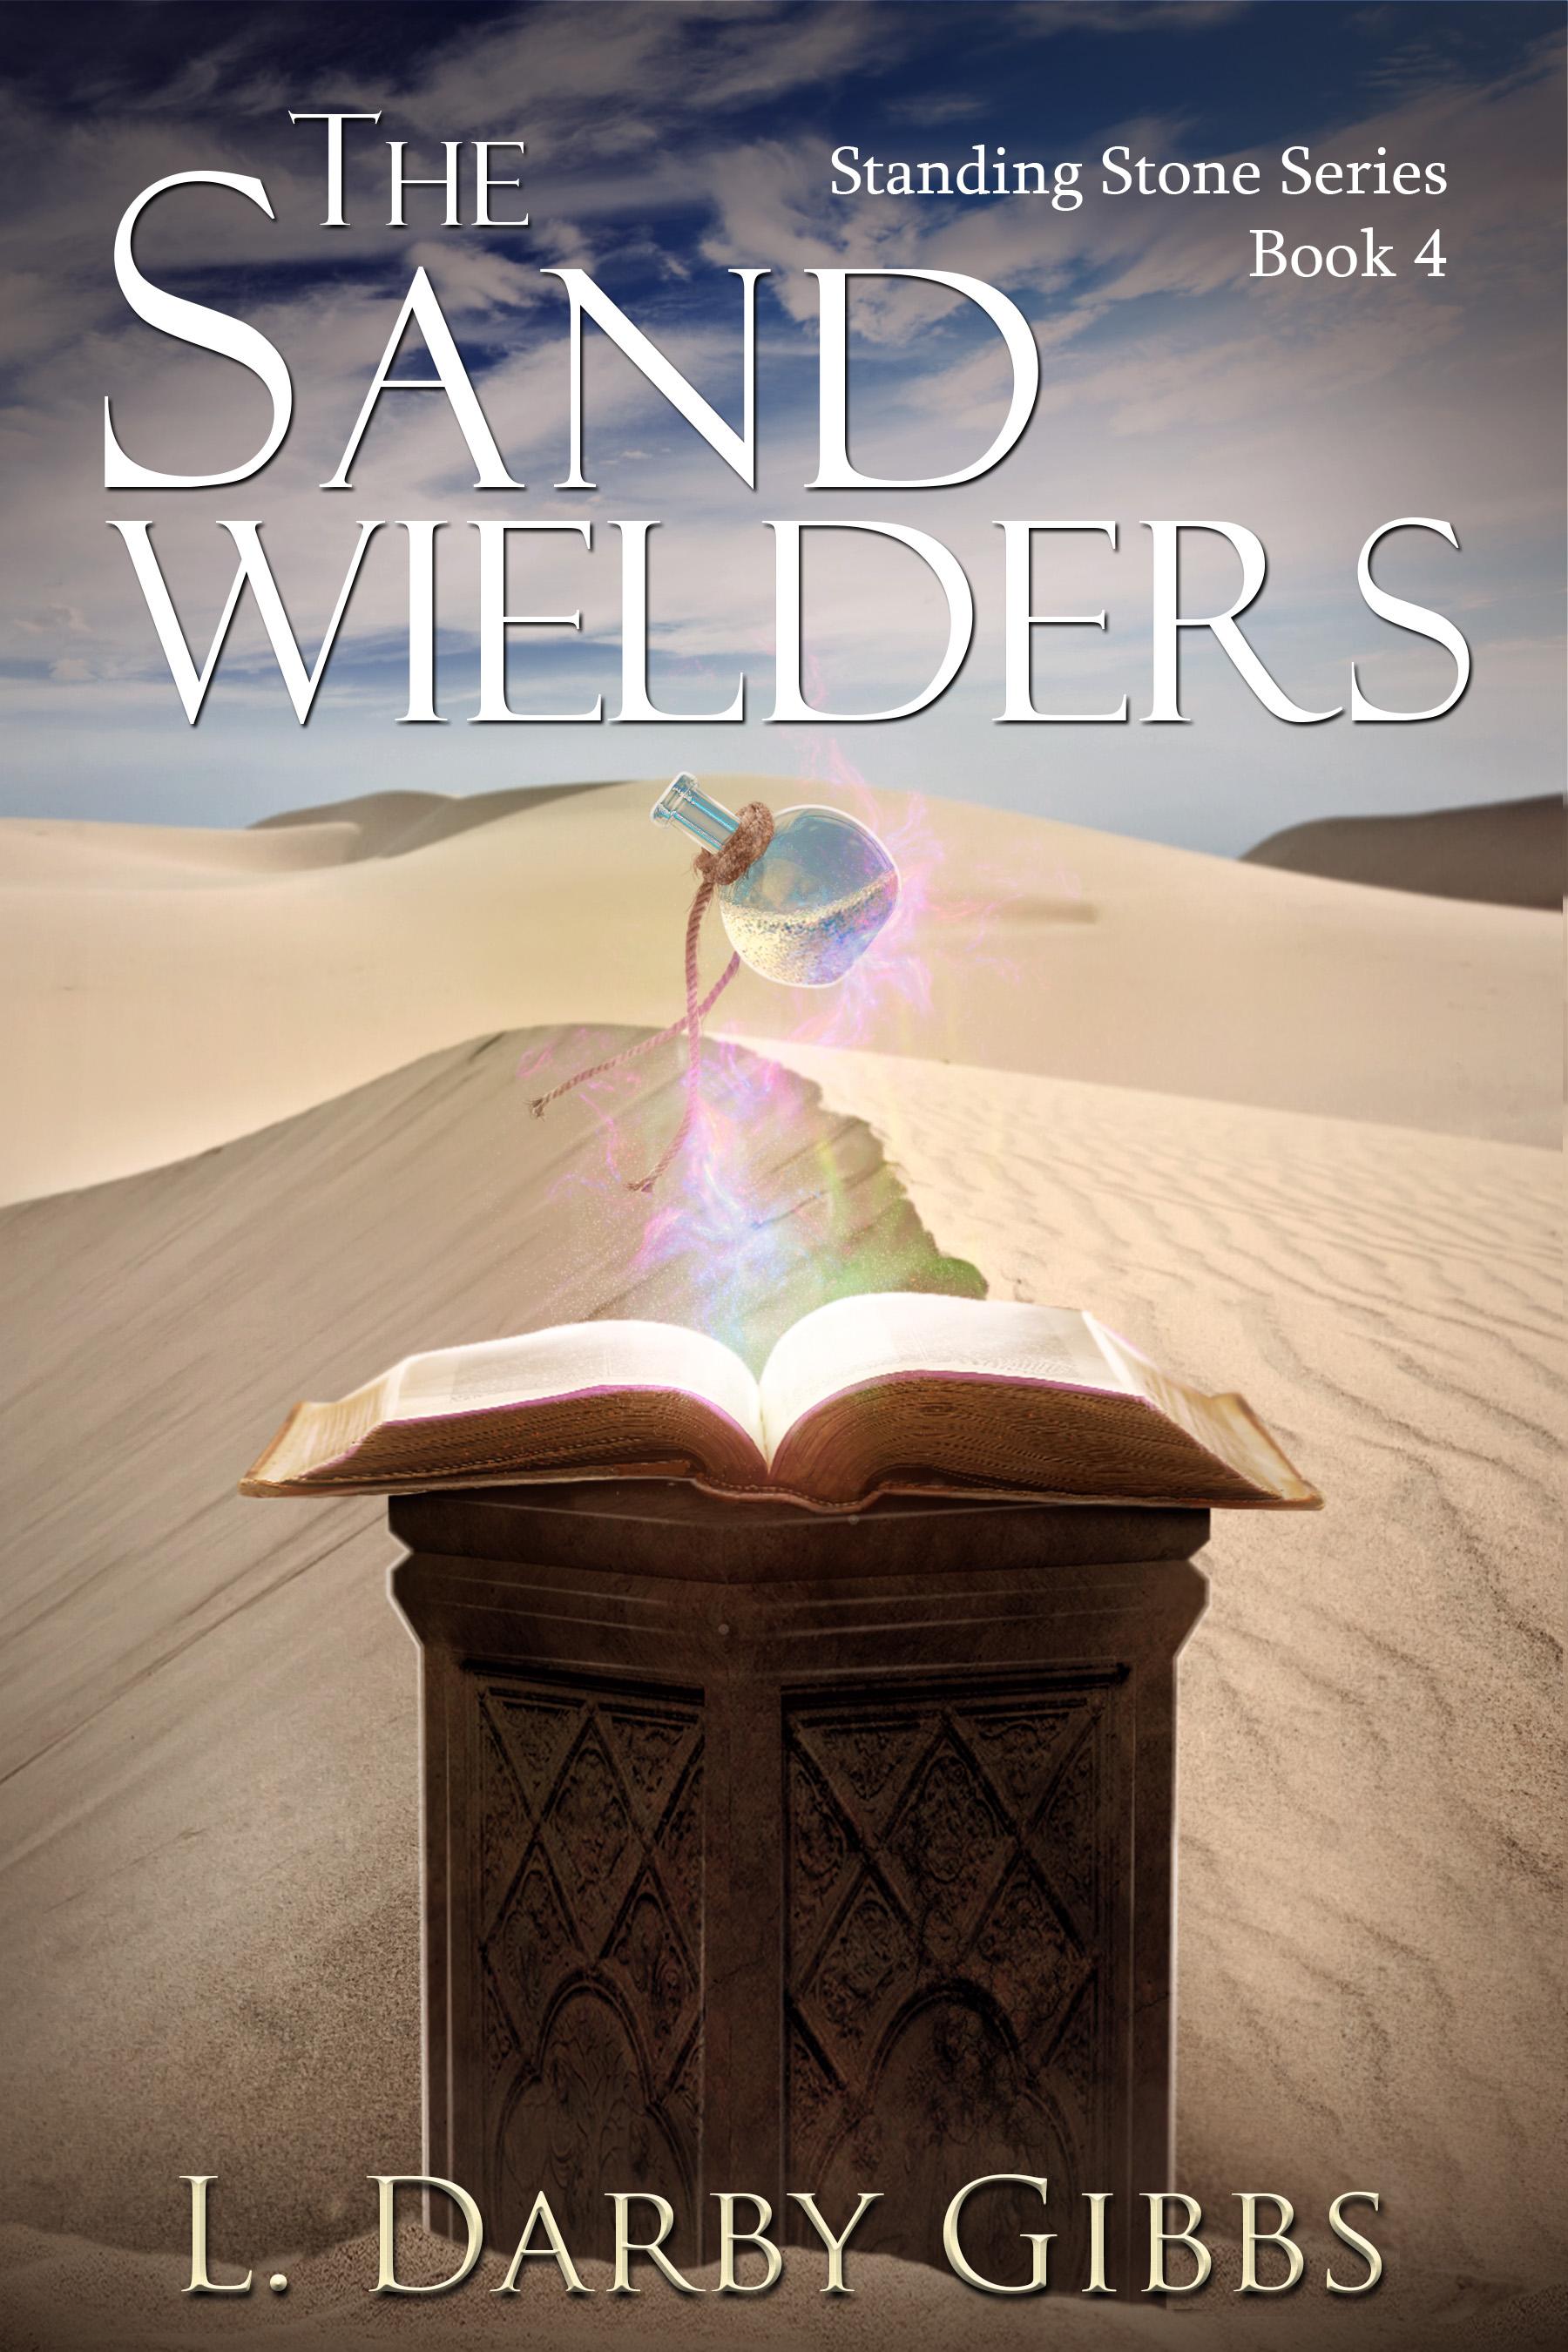 The Sand Wielders